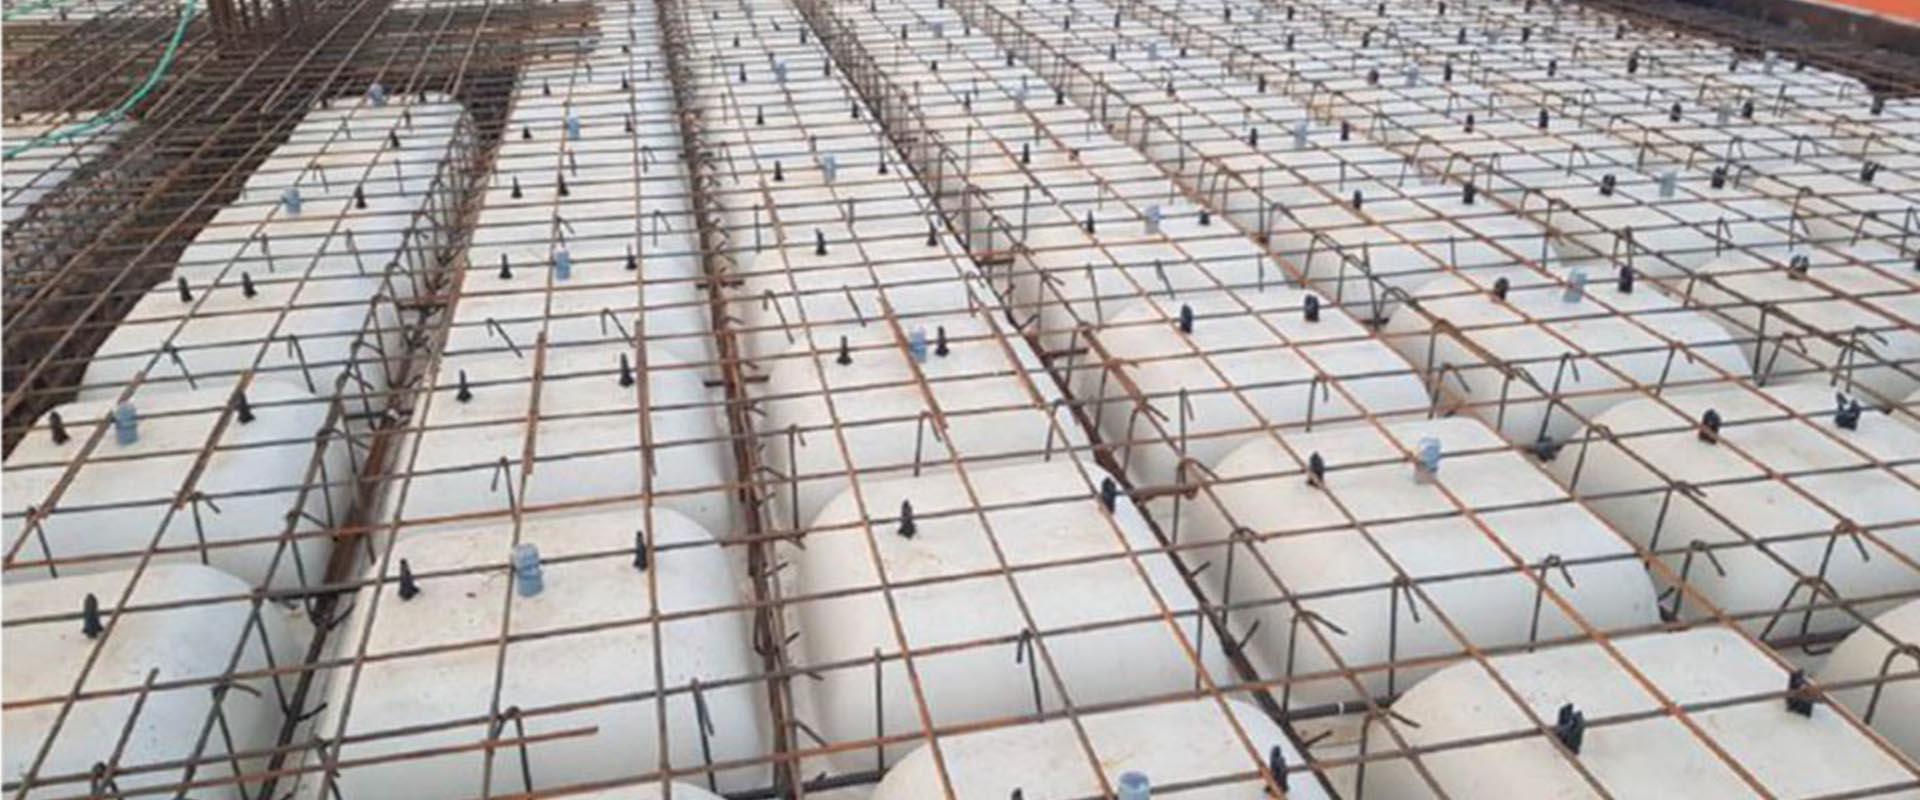 آنالیز قیمت سقف وافل و مقایسه با سایر سیستمهای اجرای سقف